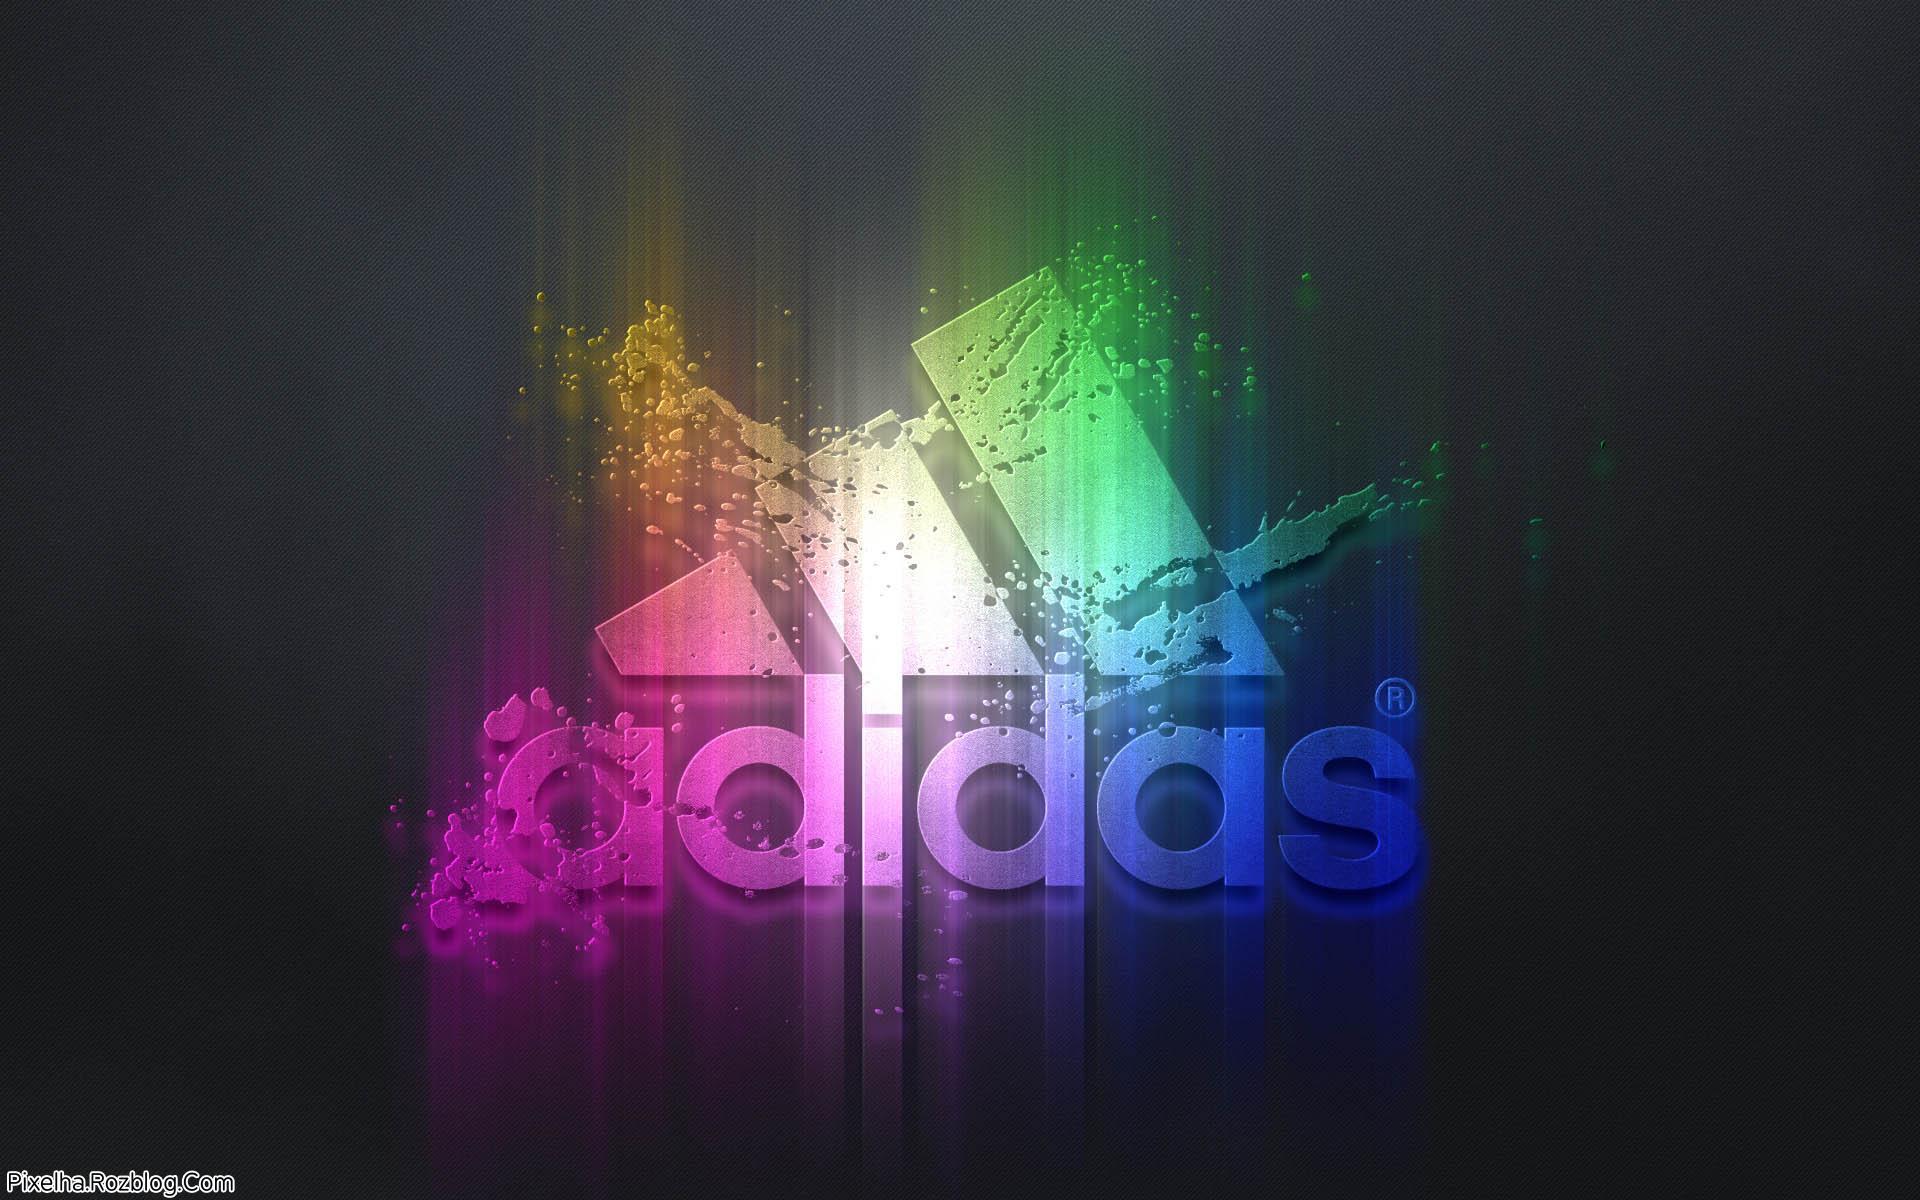 لوگو بسیار زیبای شرکت Adidas